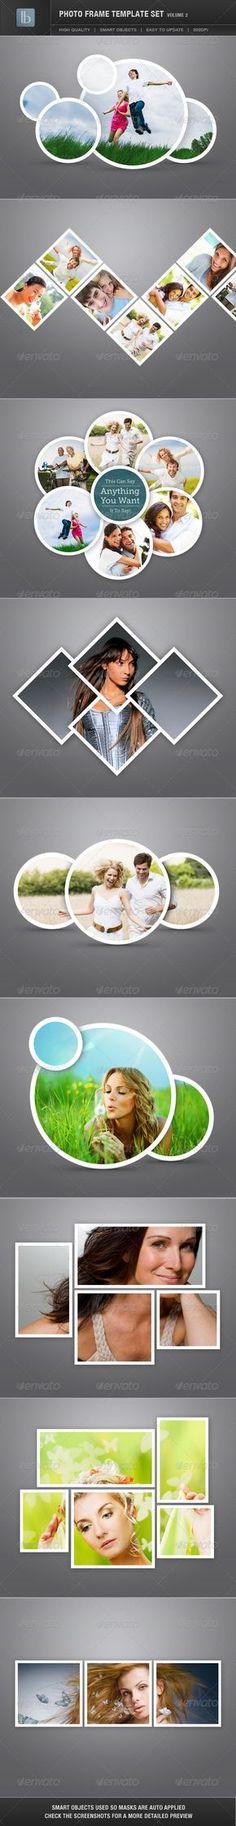 digitale fotoboek ideeen